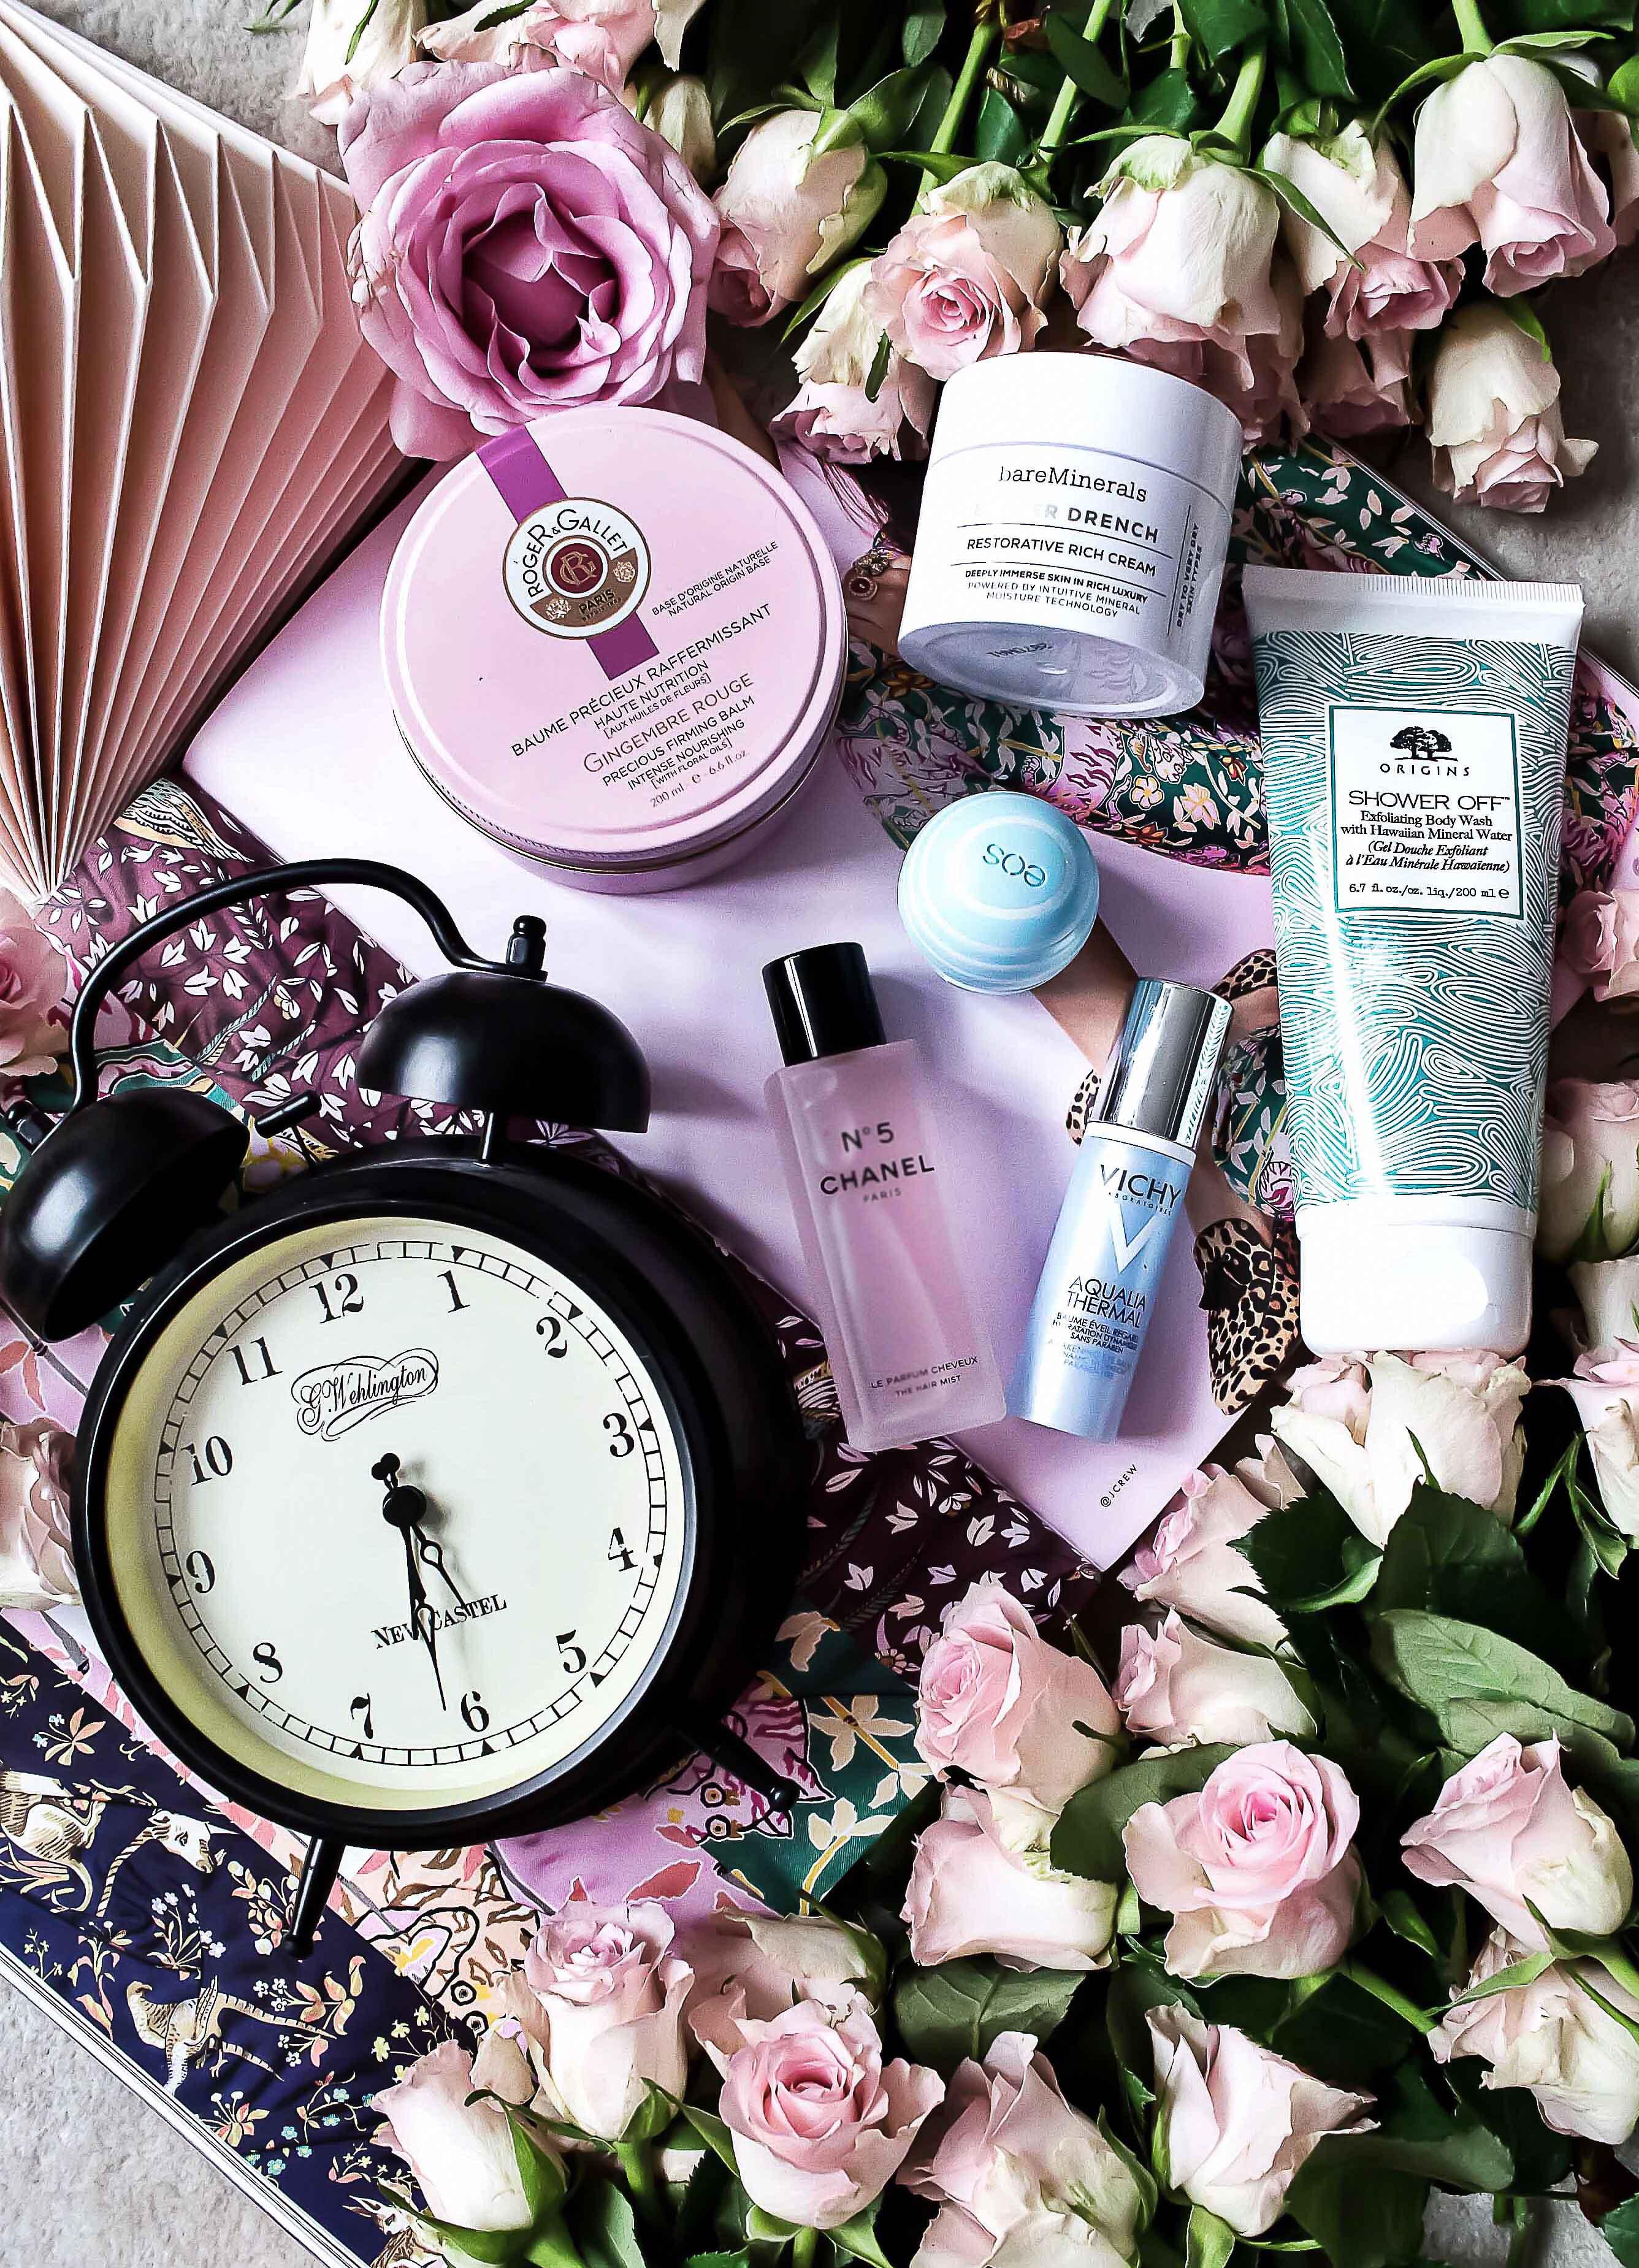 Beauty_kickstarter_morgenroutine_chanel_haarparfum_bareminerals_vichy